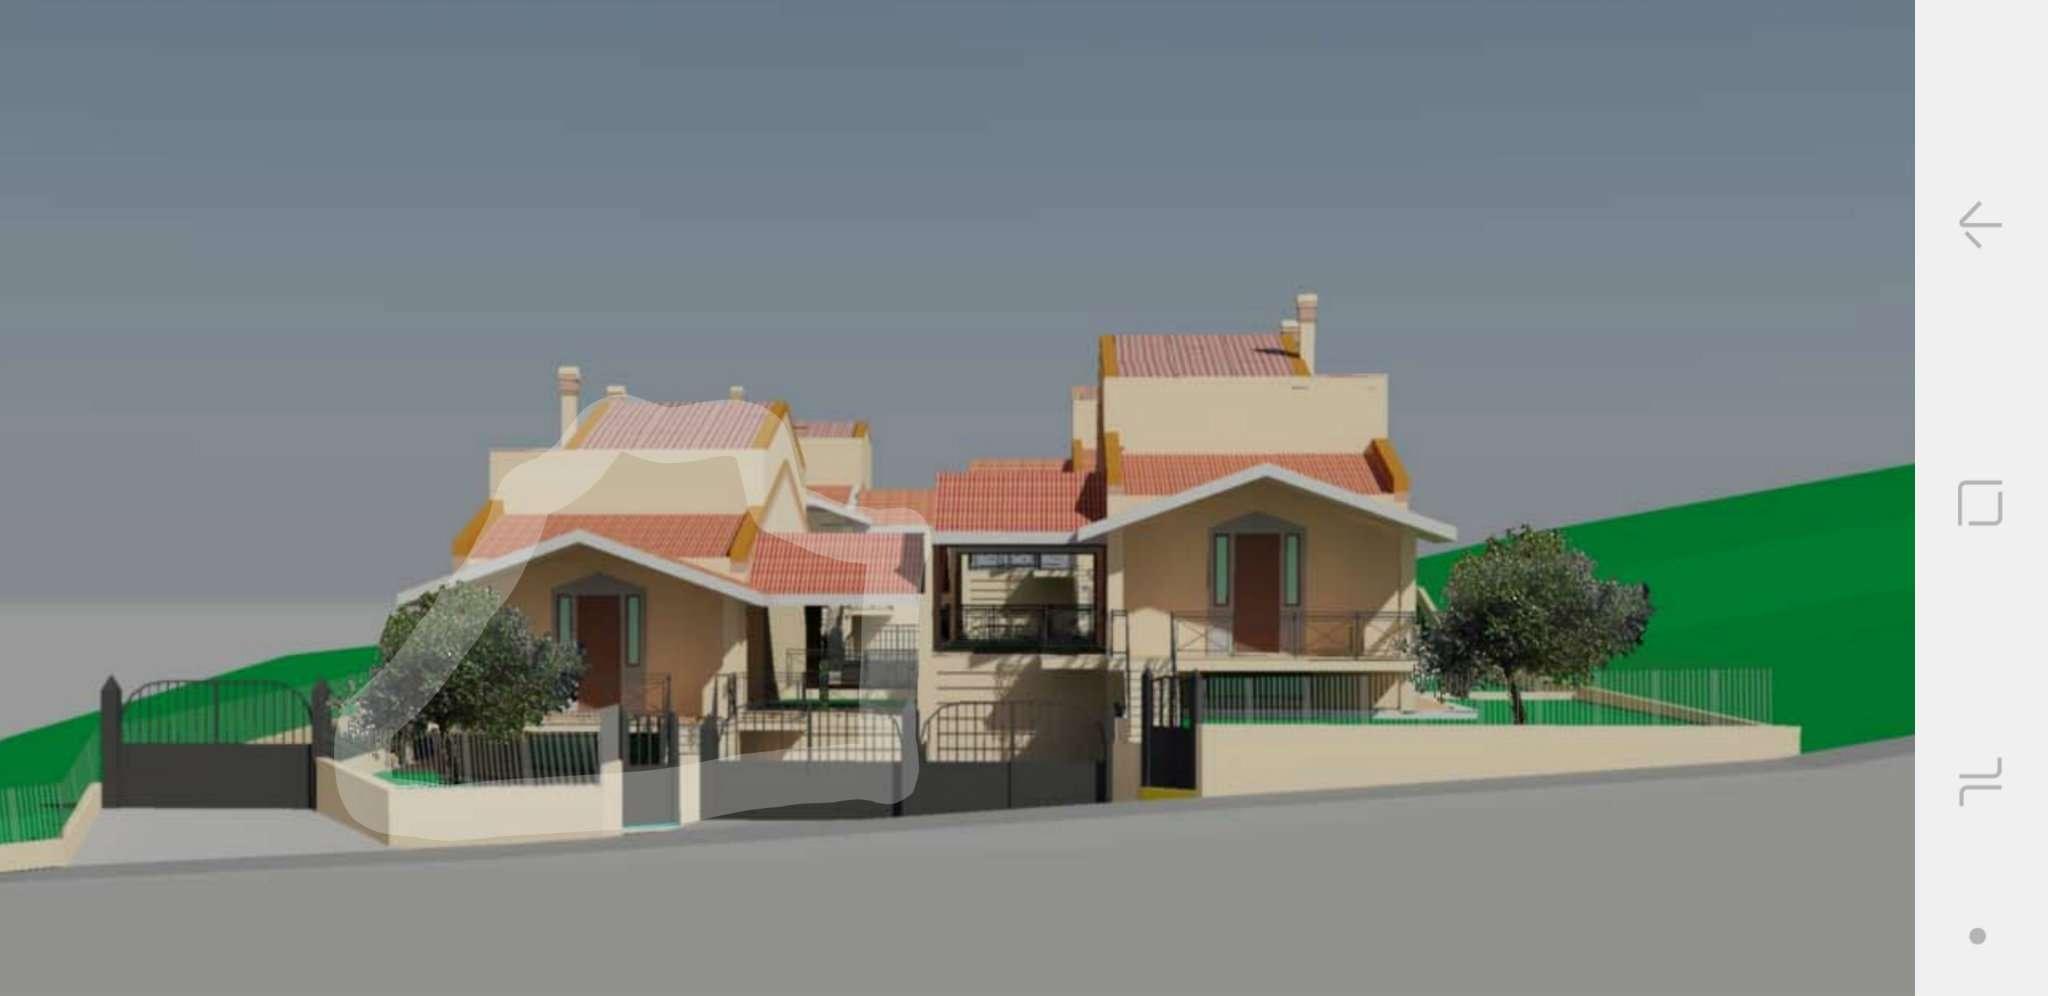 Villa Bifamiliare in vendita a Roma, 5 locali, zona Zona: 37 . Morena - Ciampino - Trigoria - Falcognana, prezzo € 249.000 | CambioCasa.it